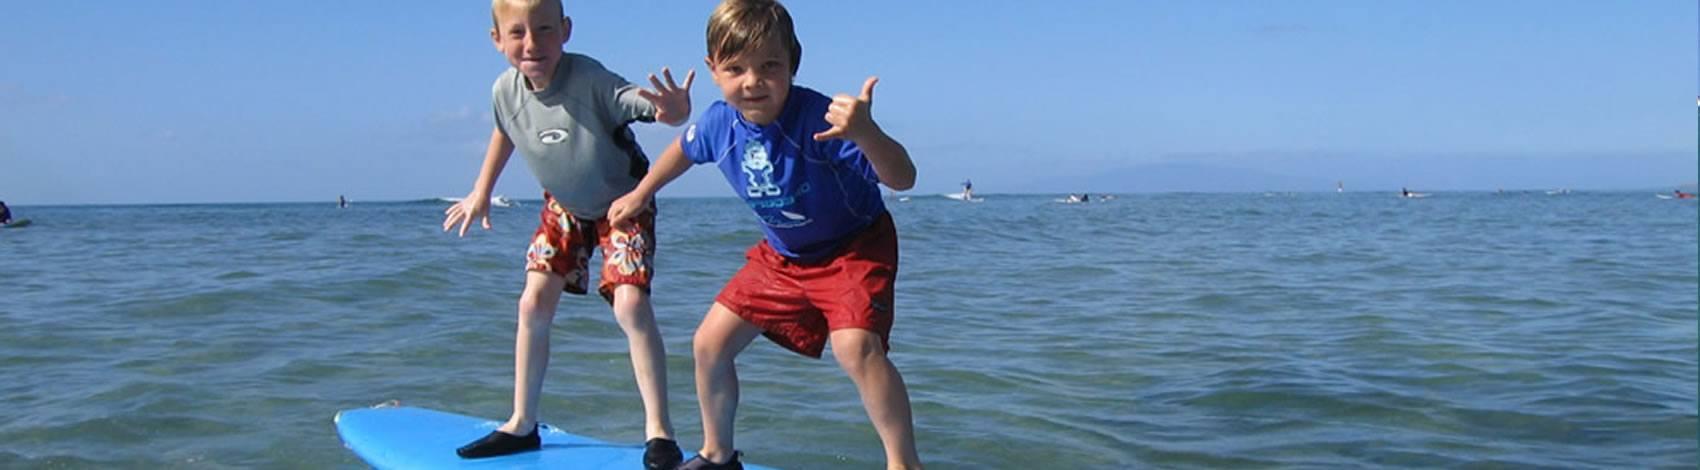 boys tandem surfing